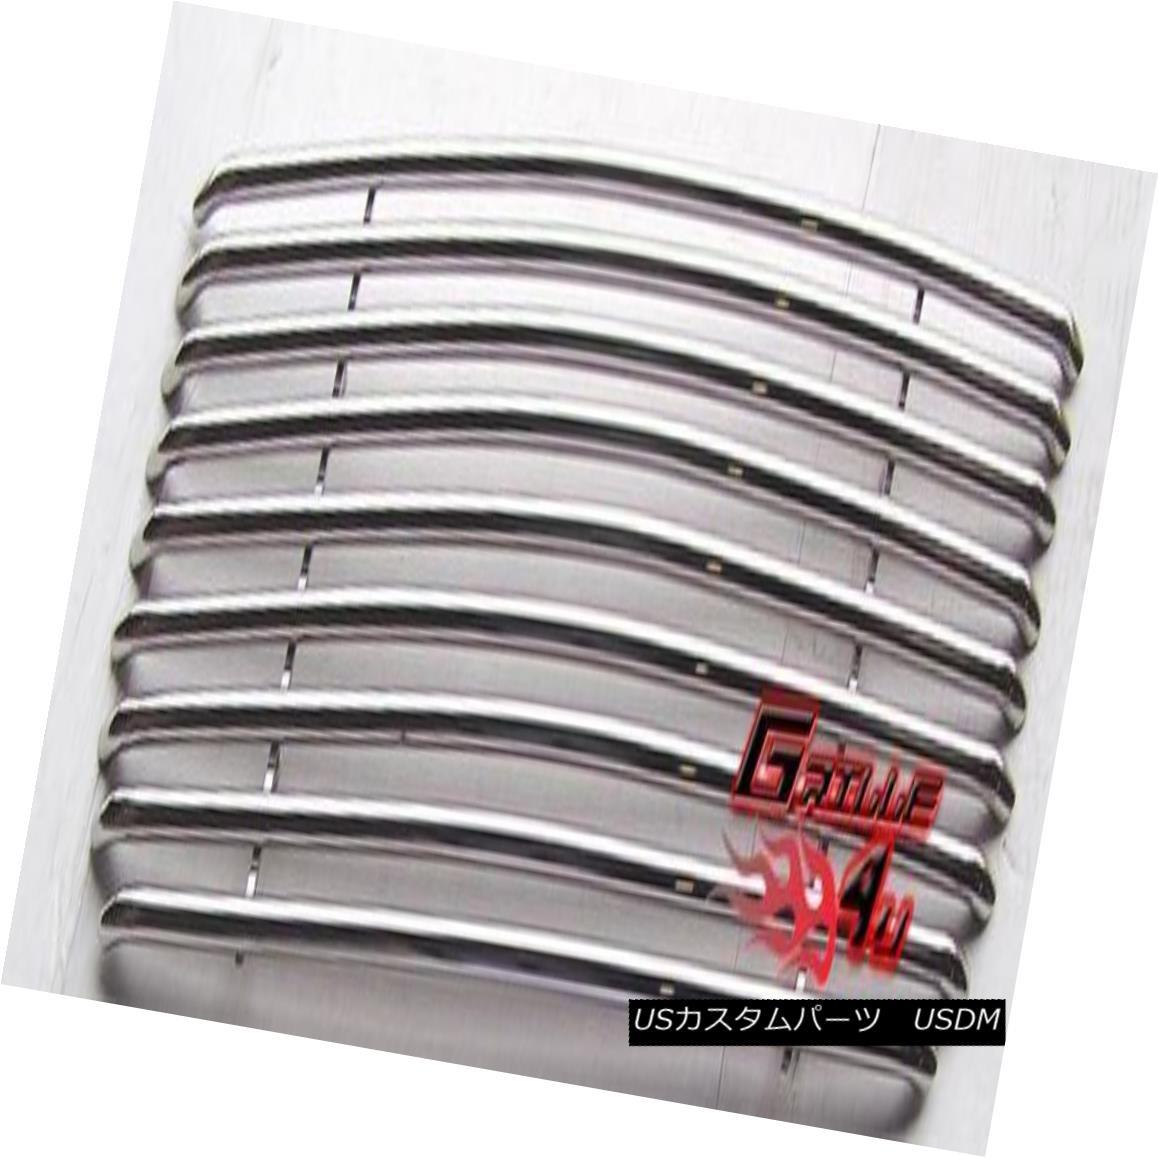 グリル Fits 01-09 GMC Envoy Stainless Steel Tubular Grille Insert フィット01-09 GMCエンボイステンレススチール管状グリルインサート